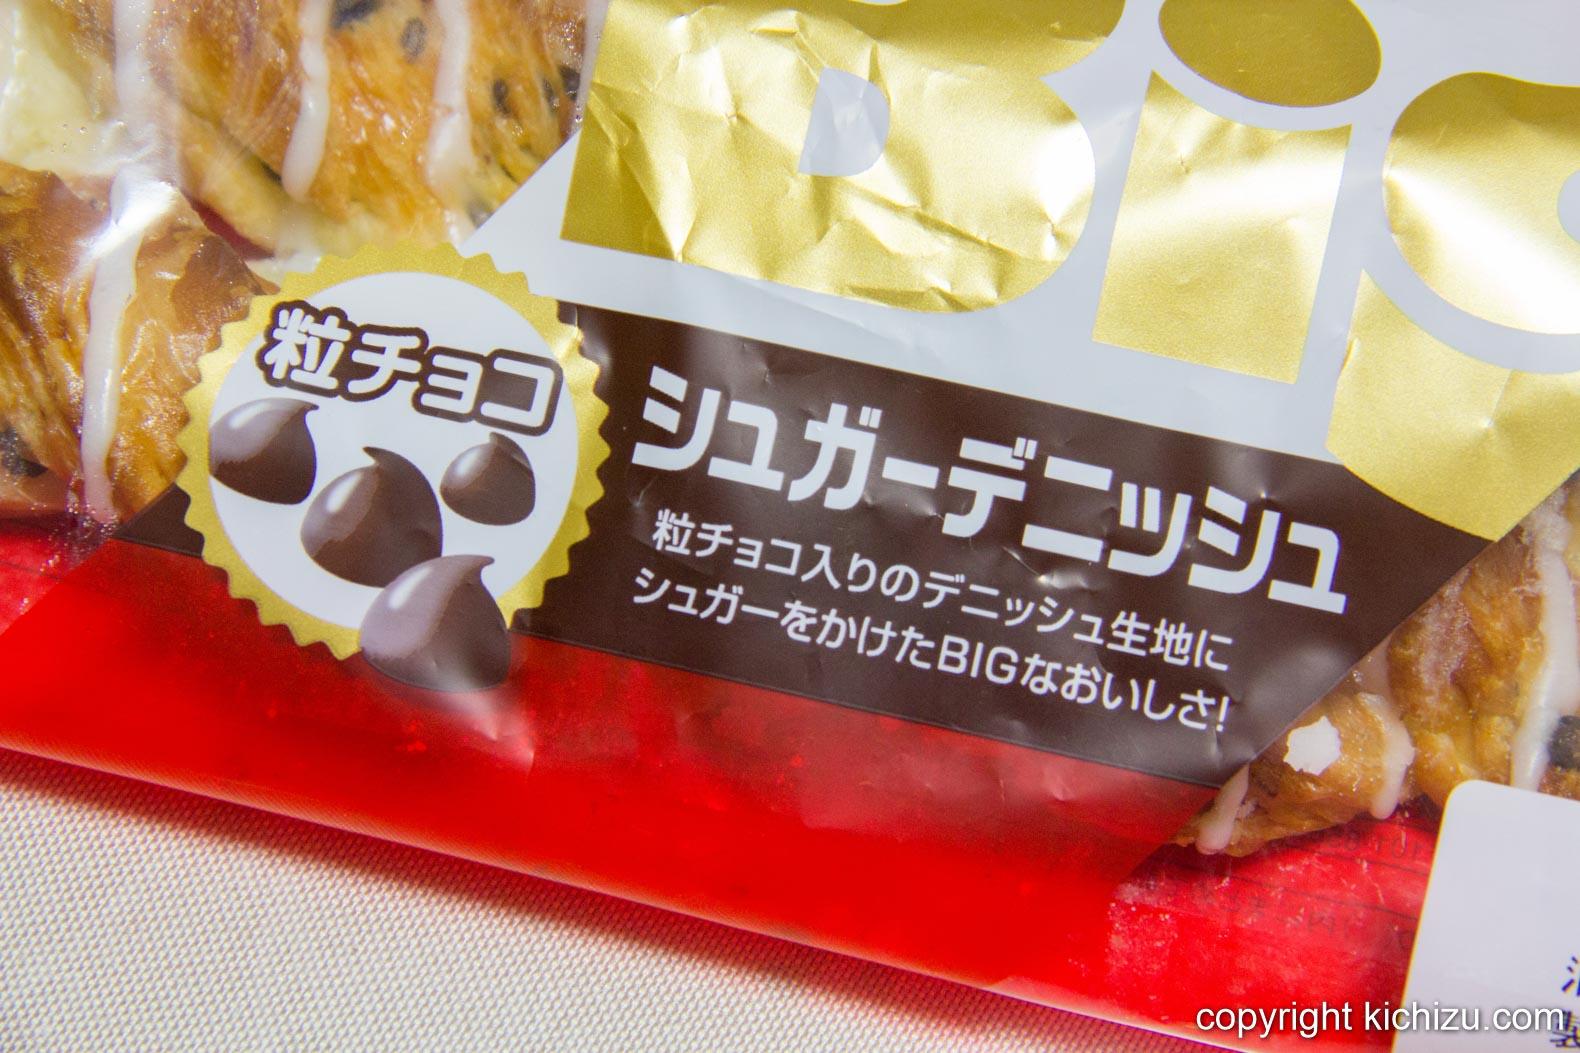 ヤマザキ Bigシュガーデニッシュ チョコ 粒チョコアピール